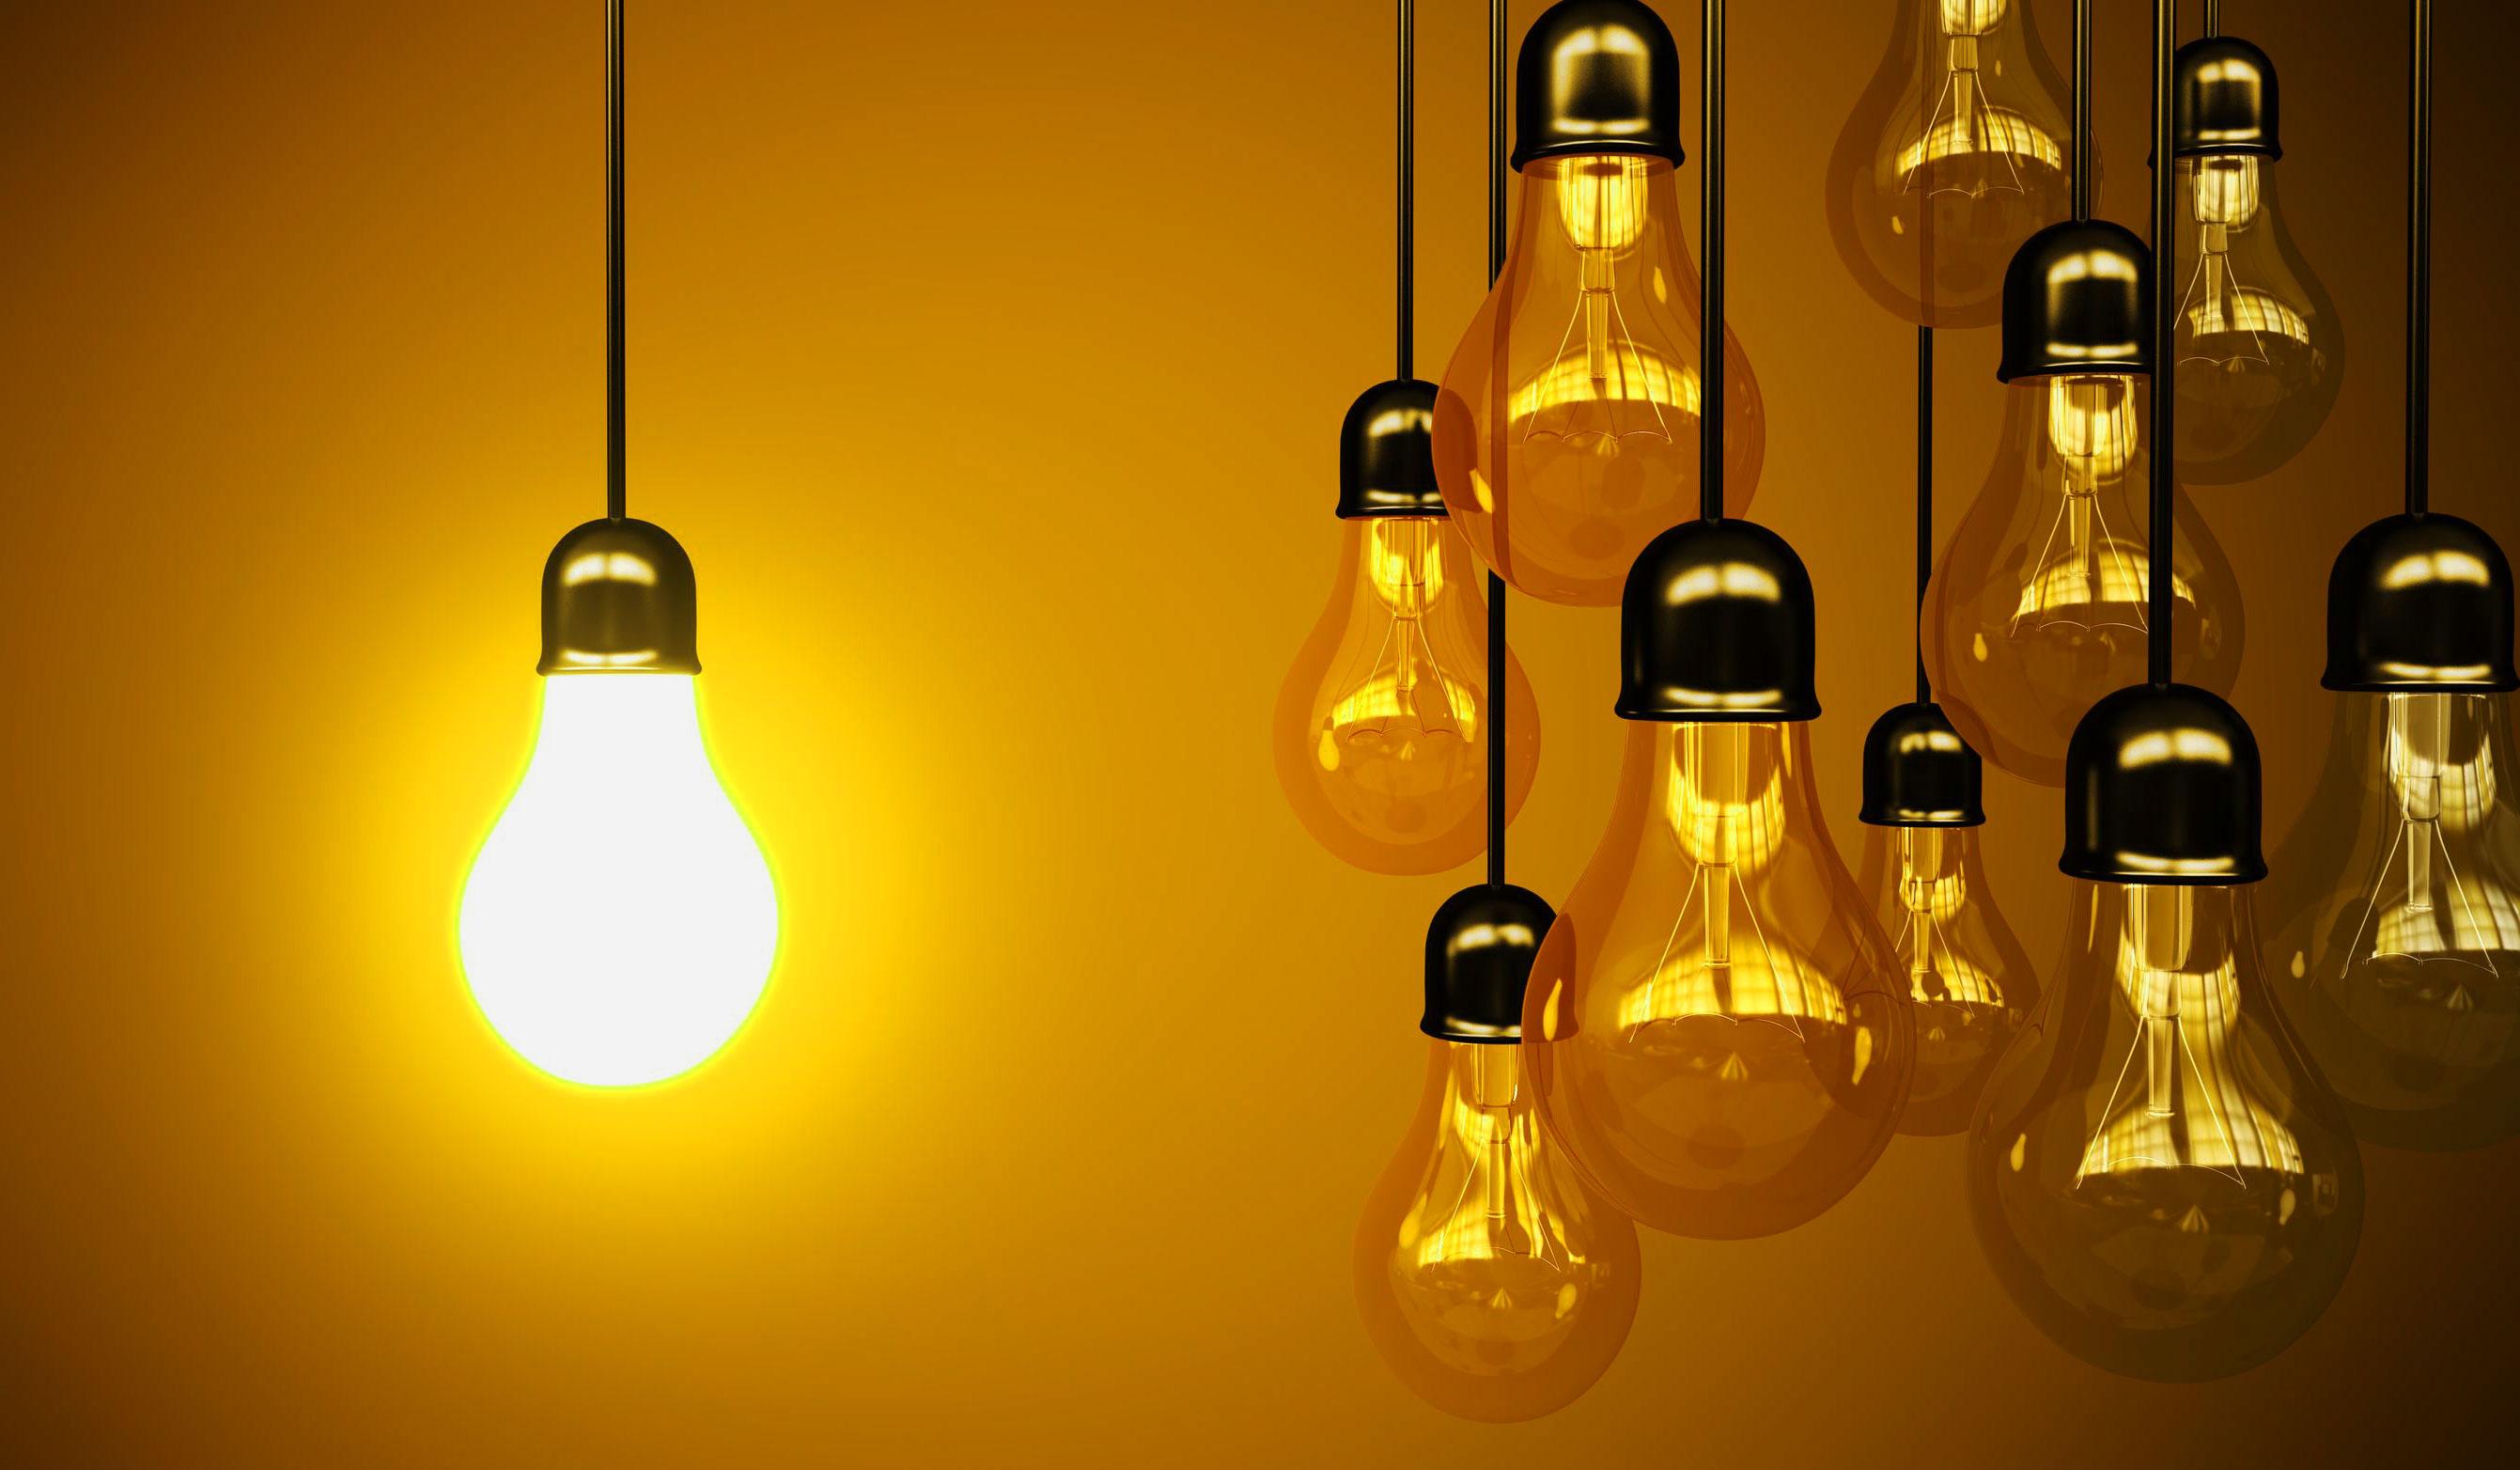 comment économiser son argent ampoules économiques